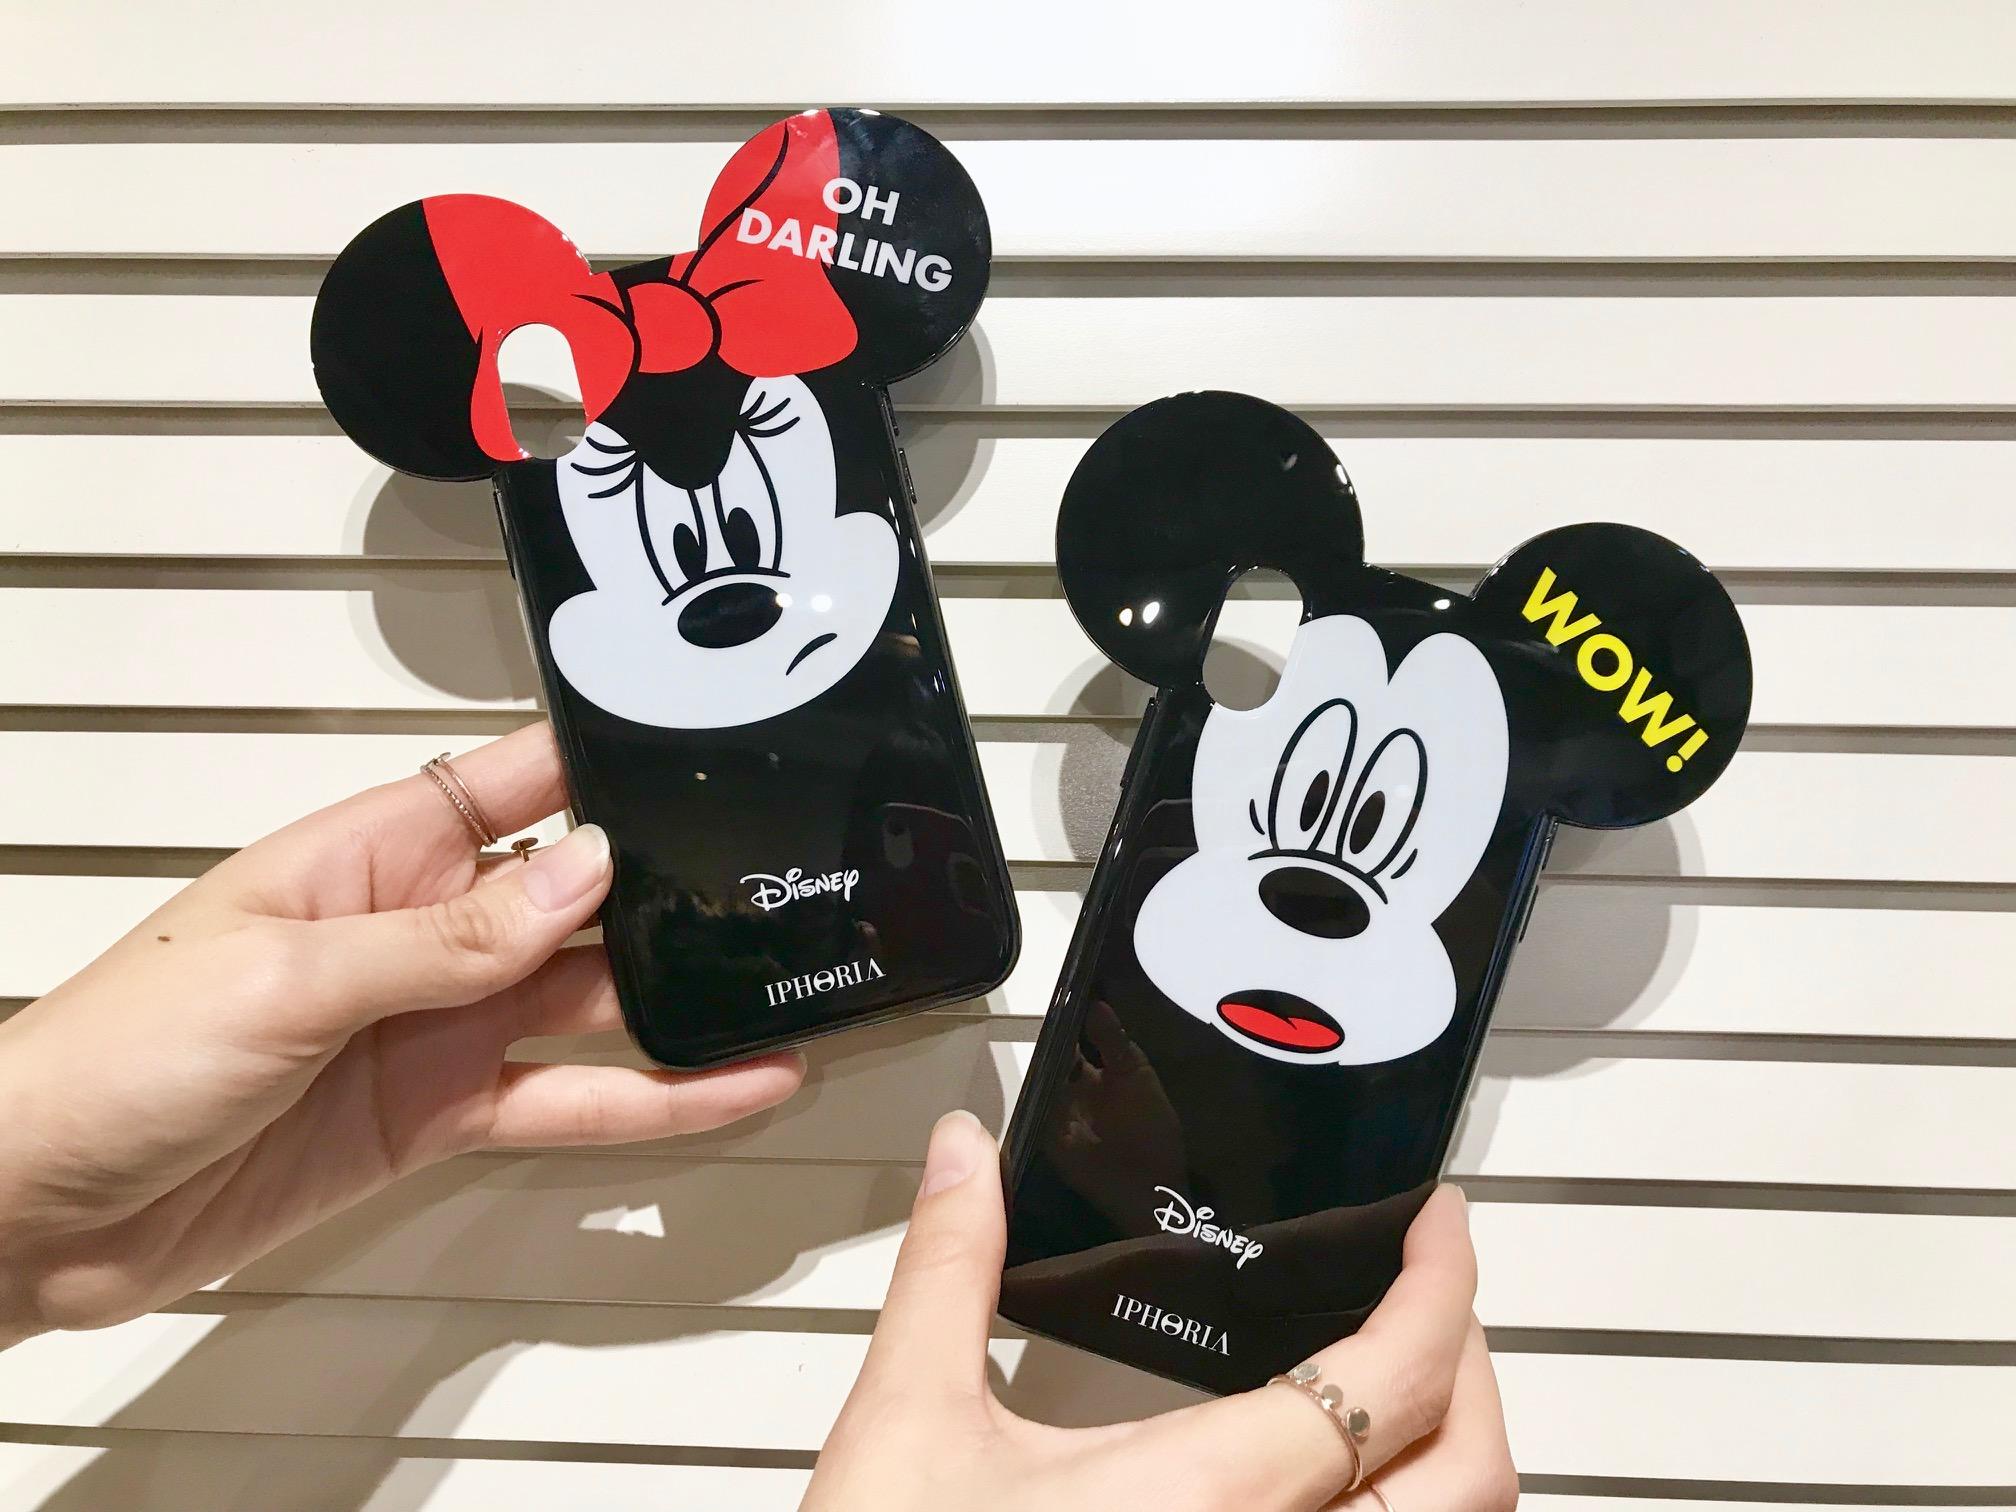 欲しいデザインがきっと見つかる♡ 『IPHORIA』の、おすすめ最新iPhoneケース5選!_2